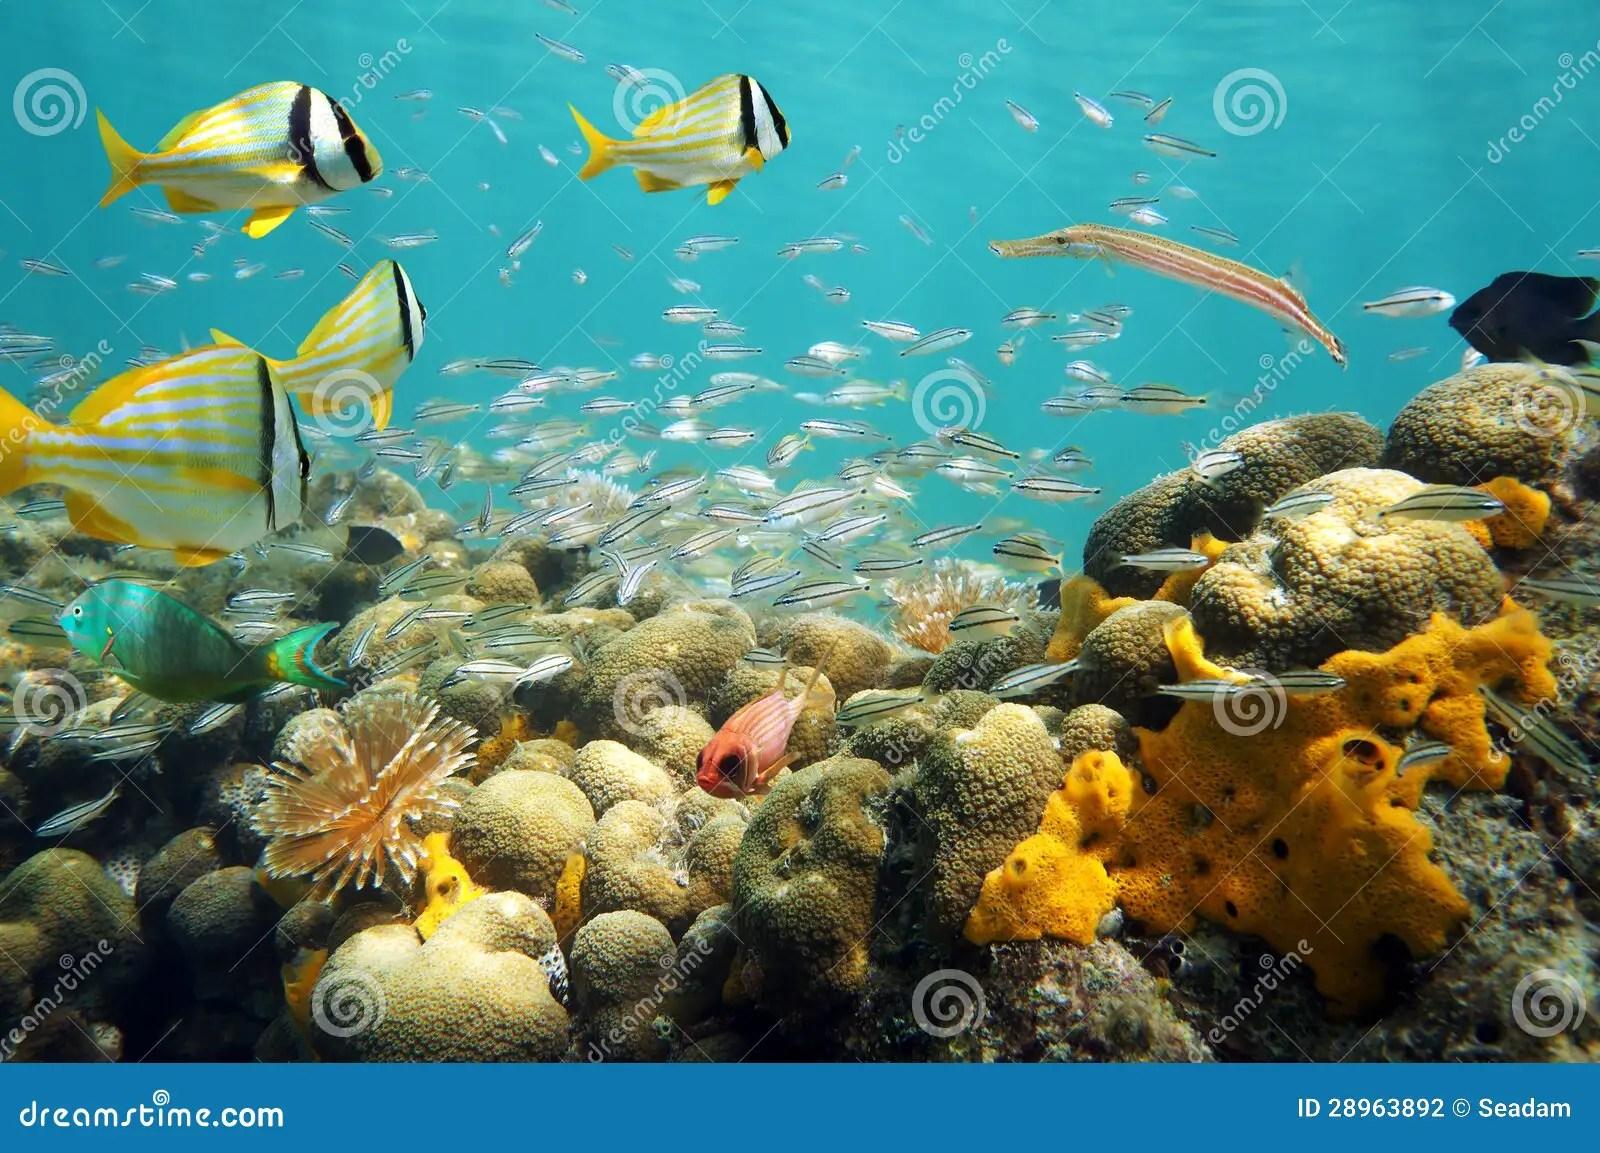 Colorful Caribbean Fish